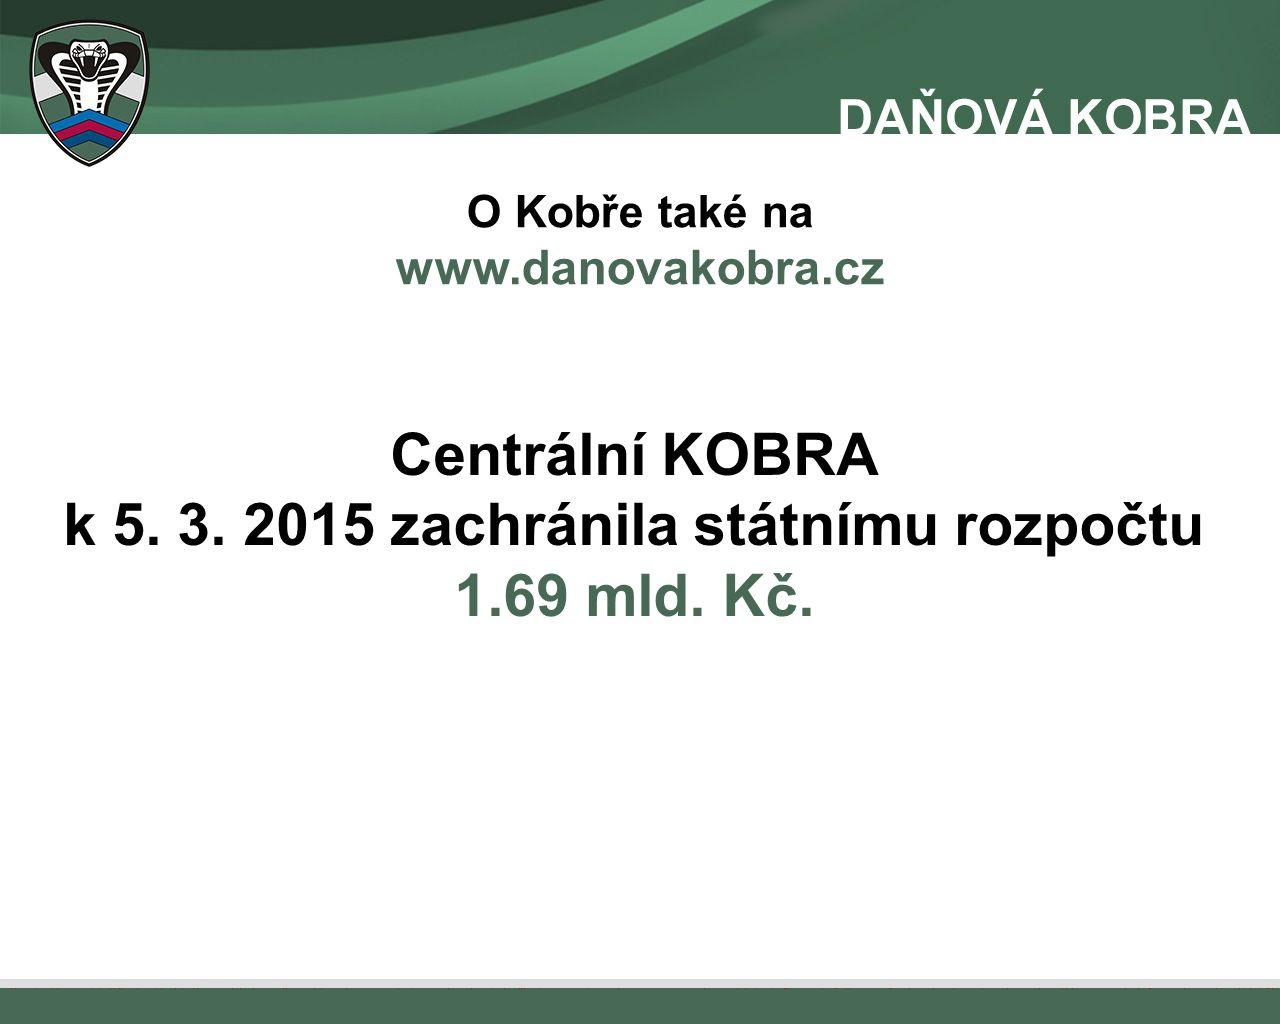 O Kobře také na www.danovakobra.cz Centrální KOBRA k 5.